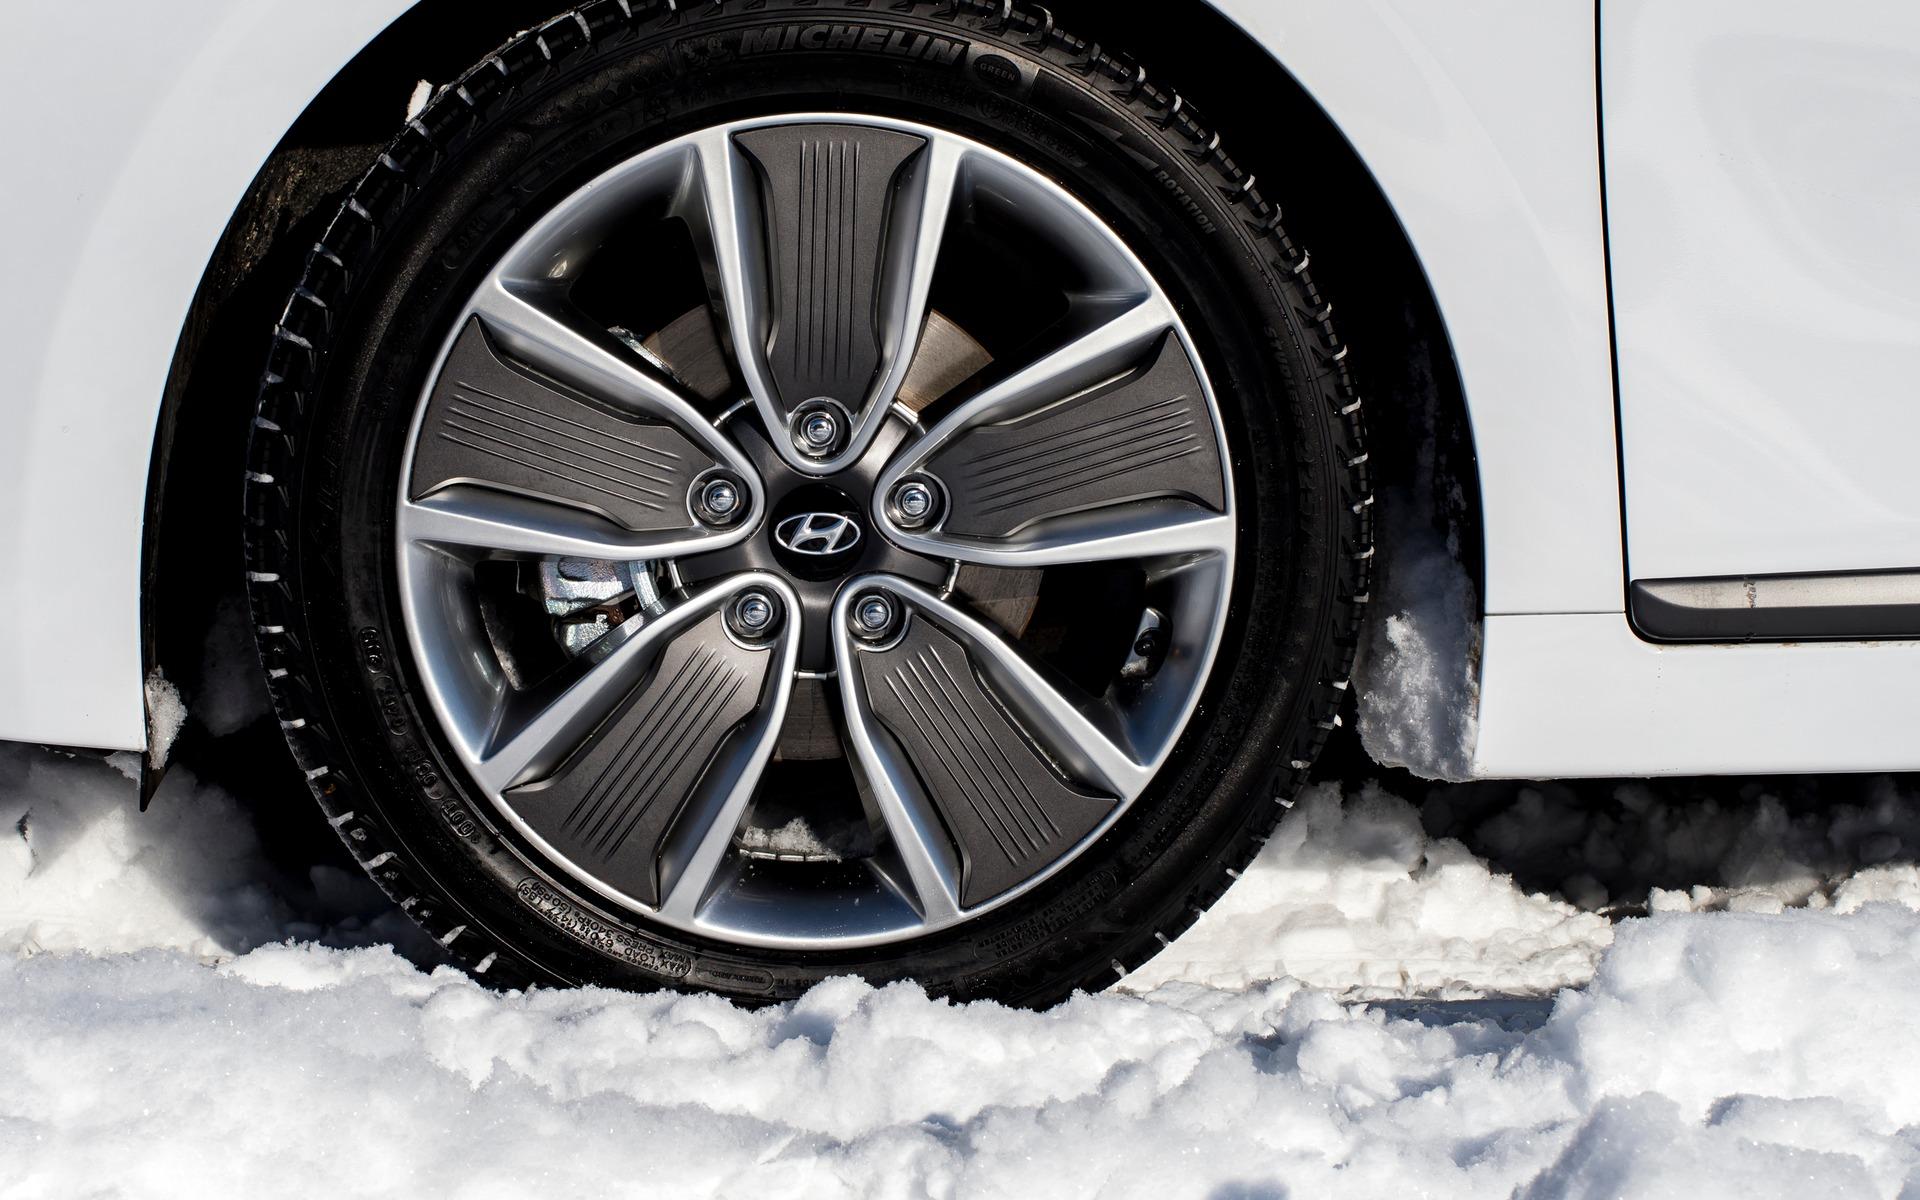 qu est ce qui distingue les pneus d hiver des pneus quatre saisons guide auto. Black Bedroom Furniture Sets. Home Design Ideas